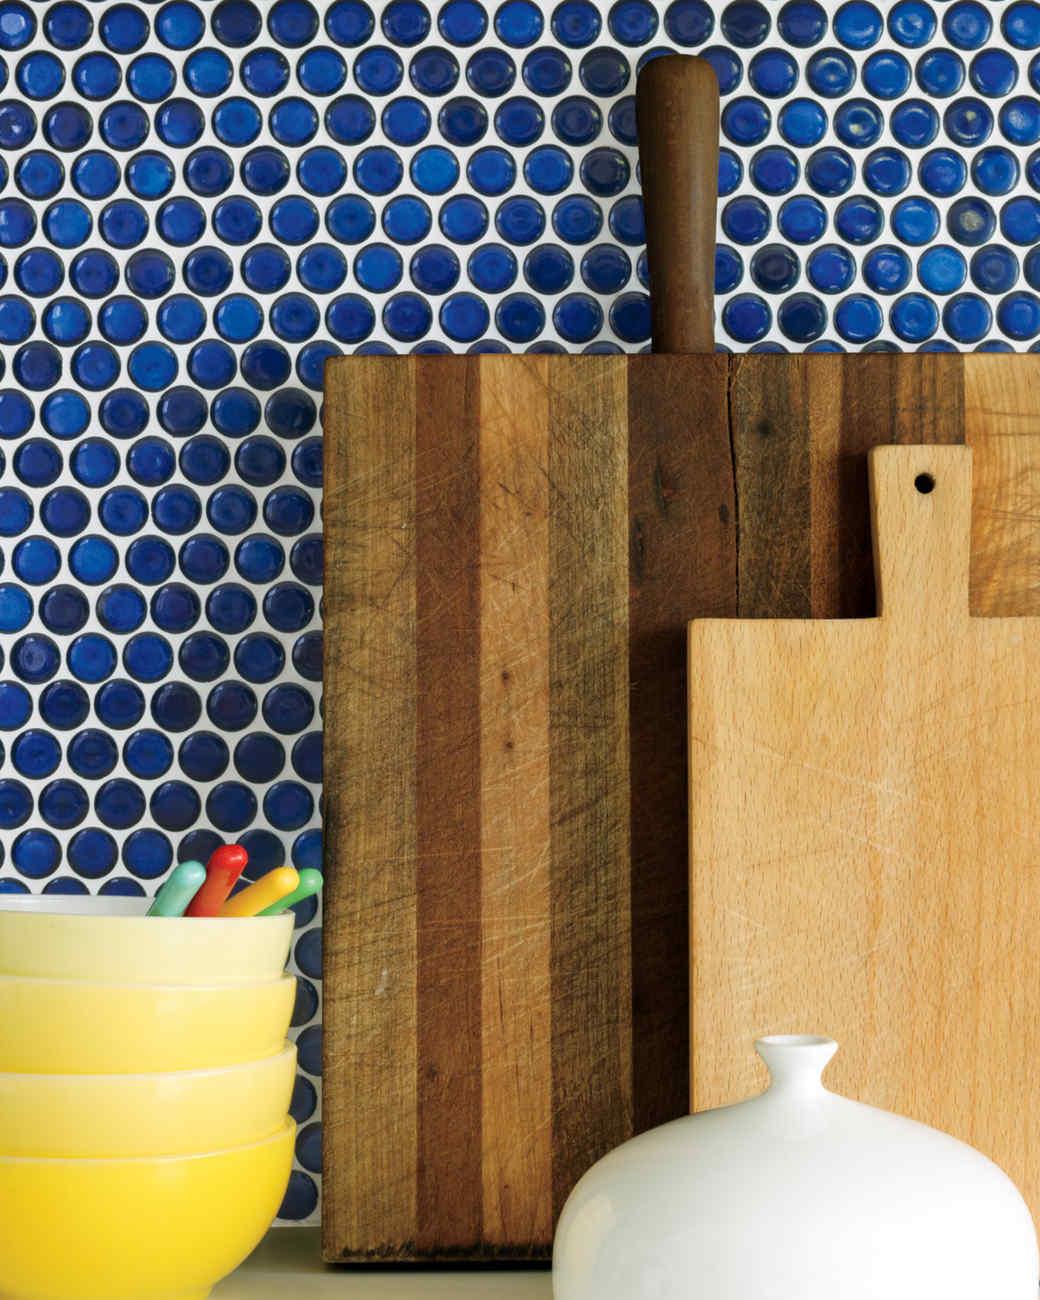 annie-schlechter-kitchen-bold-cutting-boards-mld107949.jpg